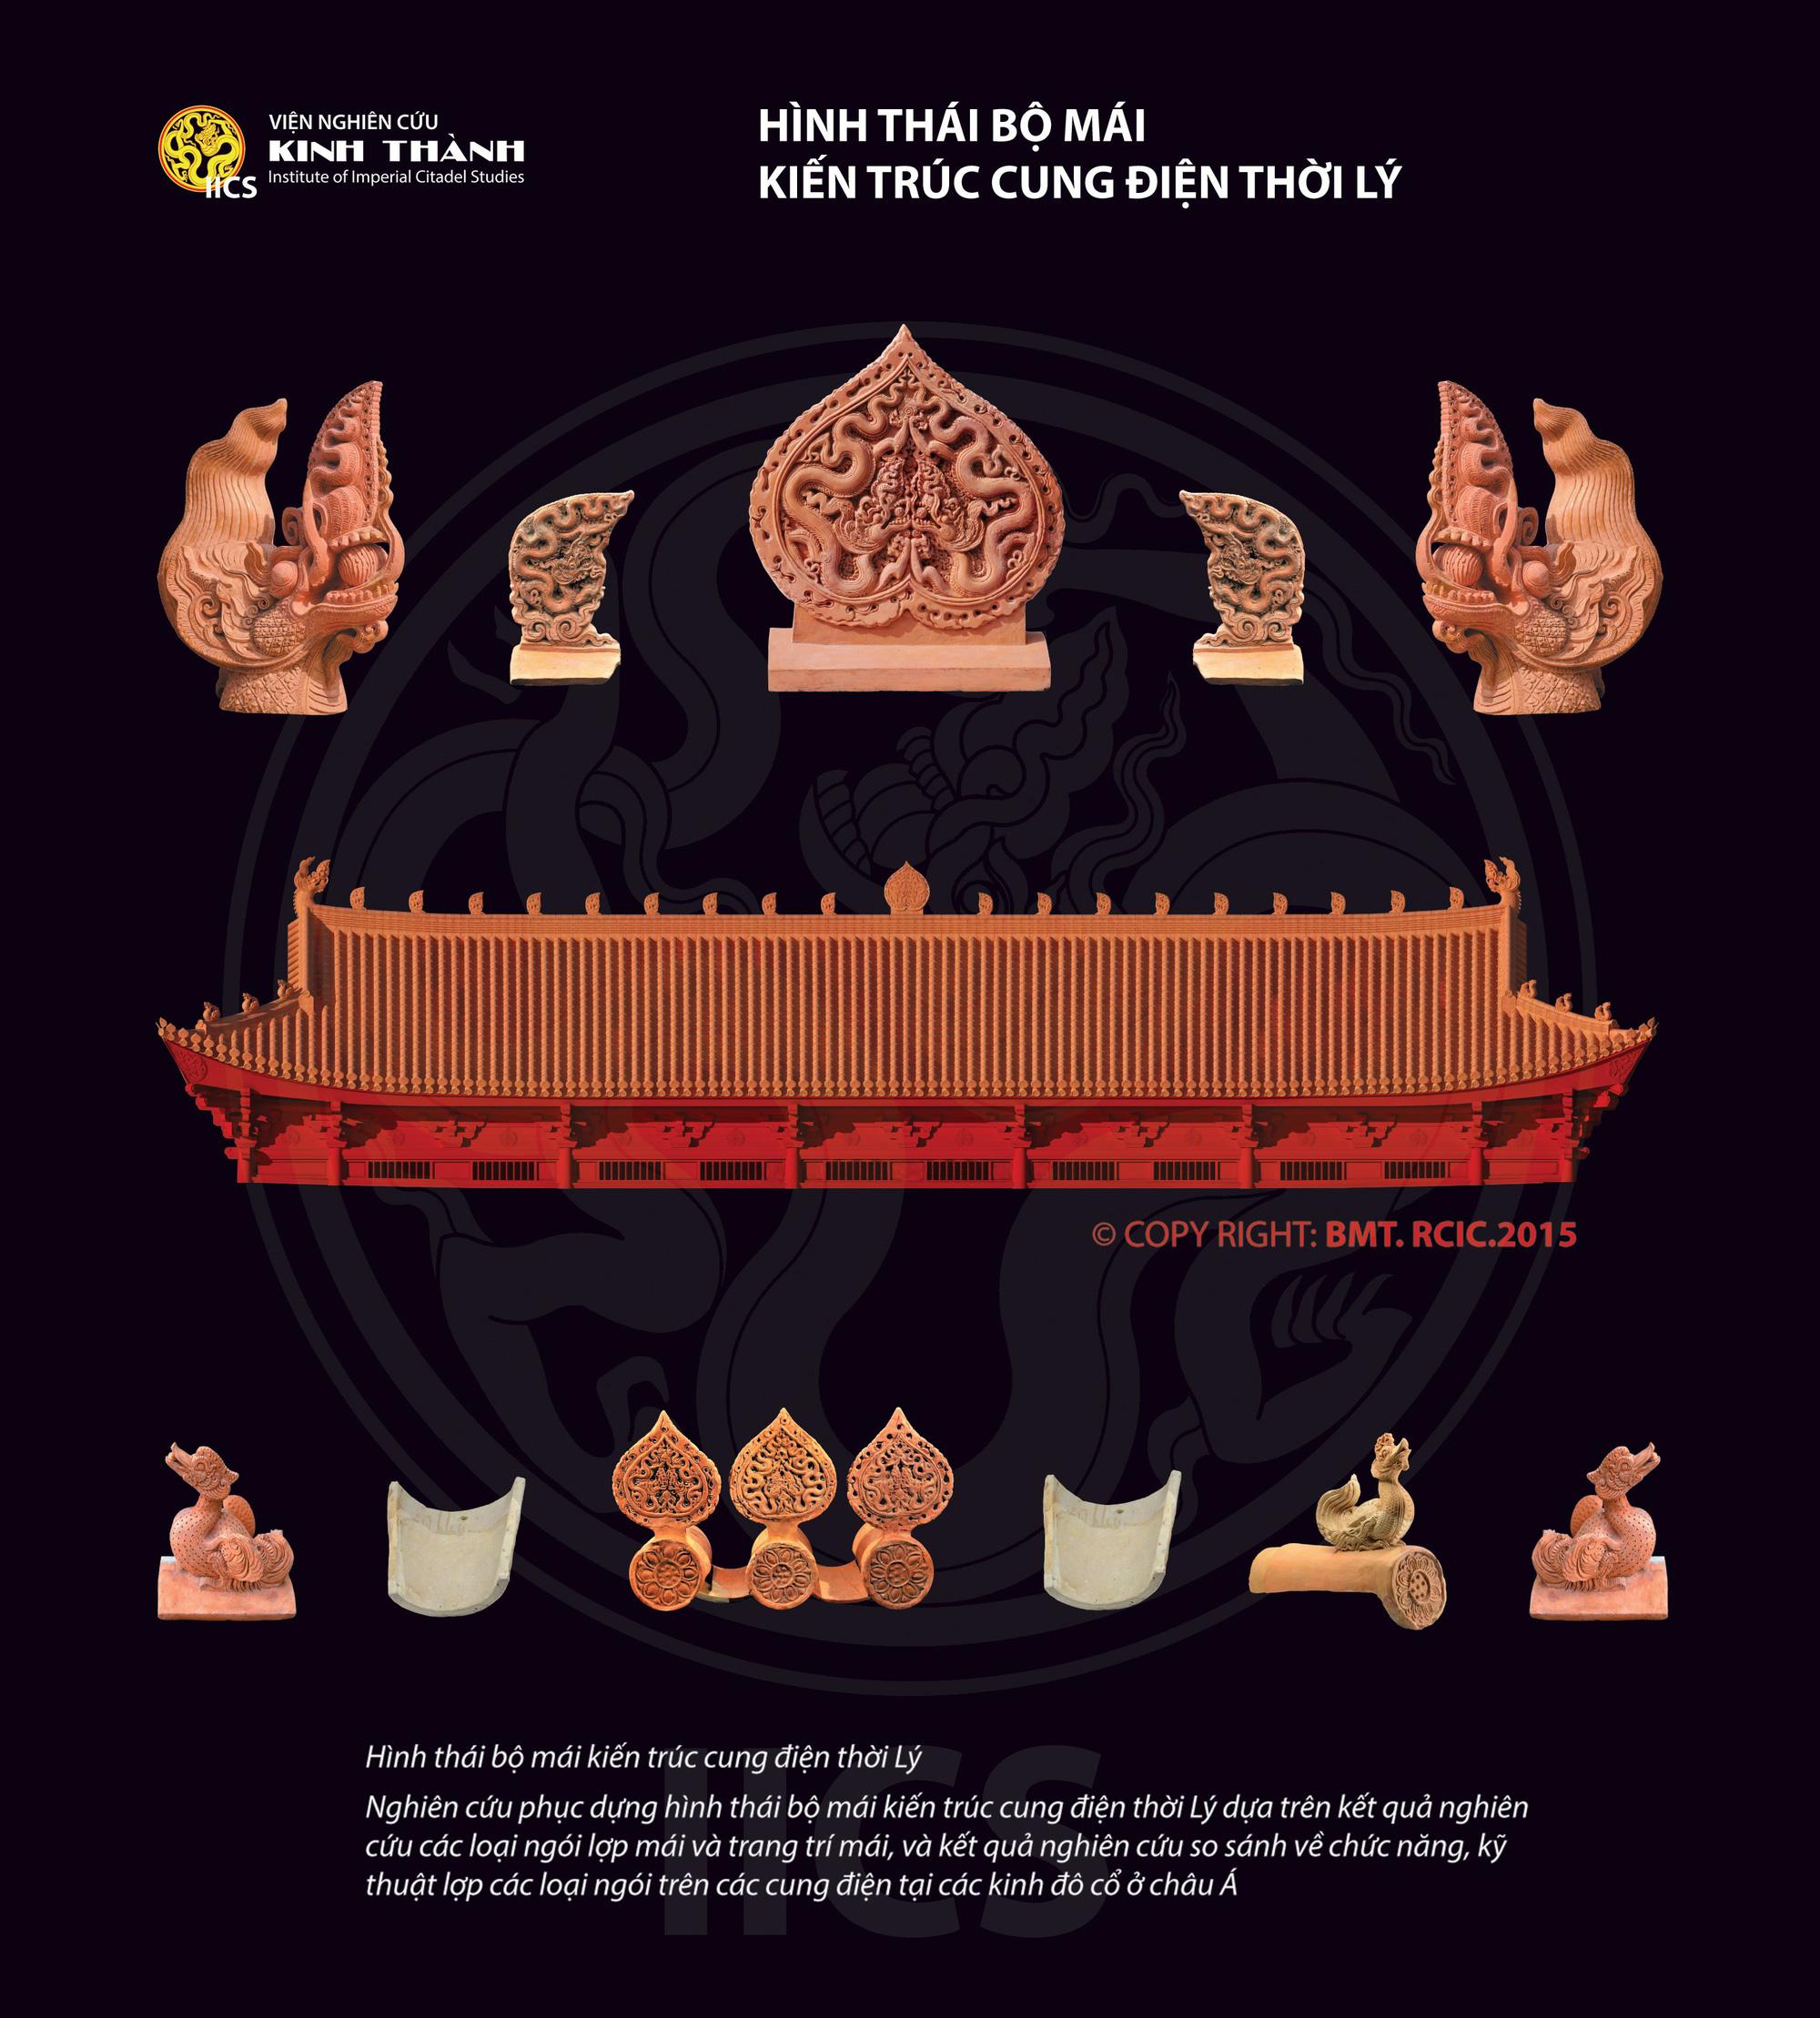 """Phát hiện """"chấn động"""" về cung điện thời Lý: Sự thật về loại ngói lá đề độc nhất châu Á - Ảnh 1."""